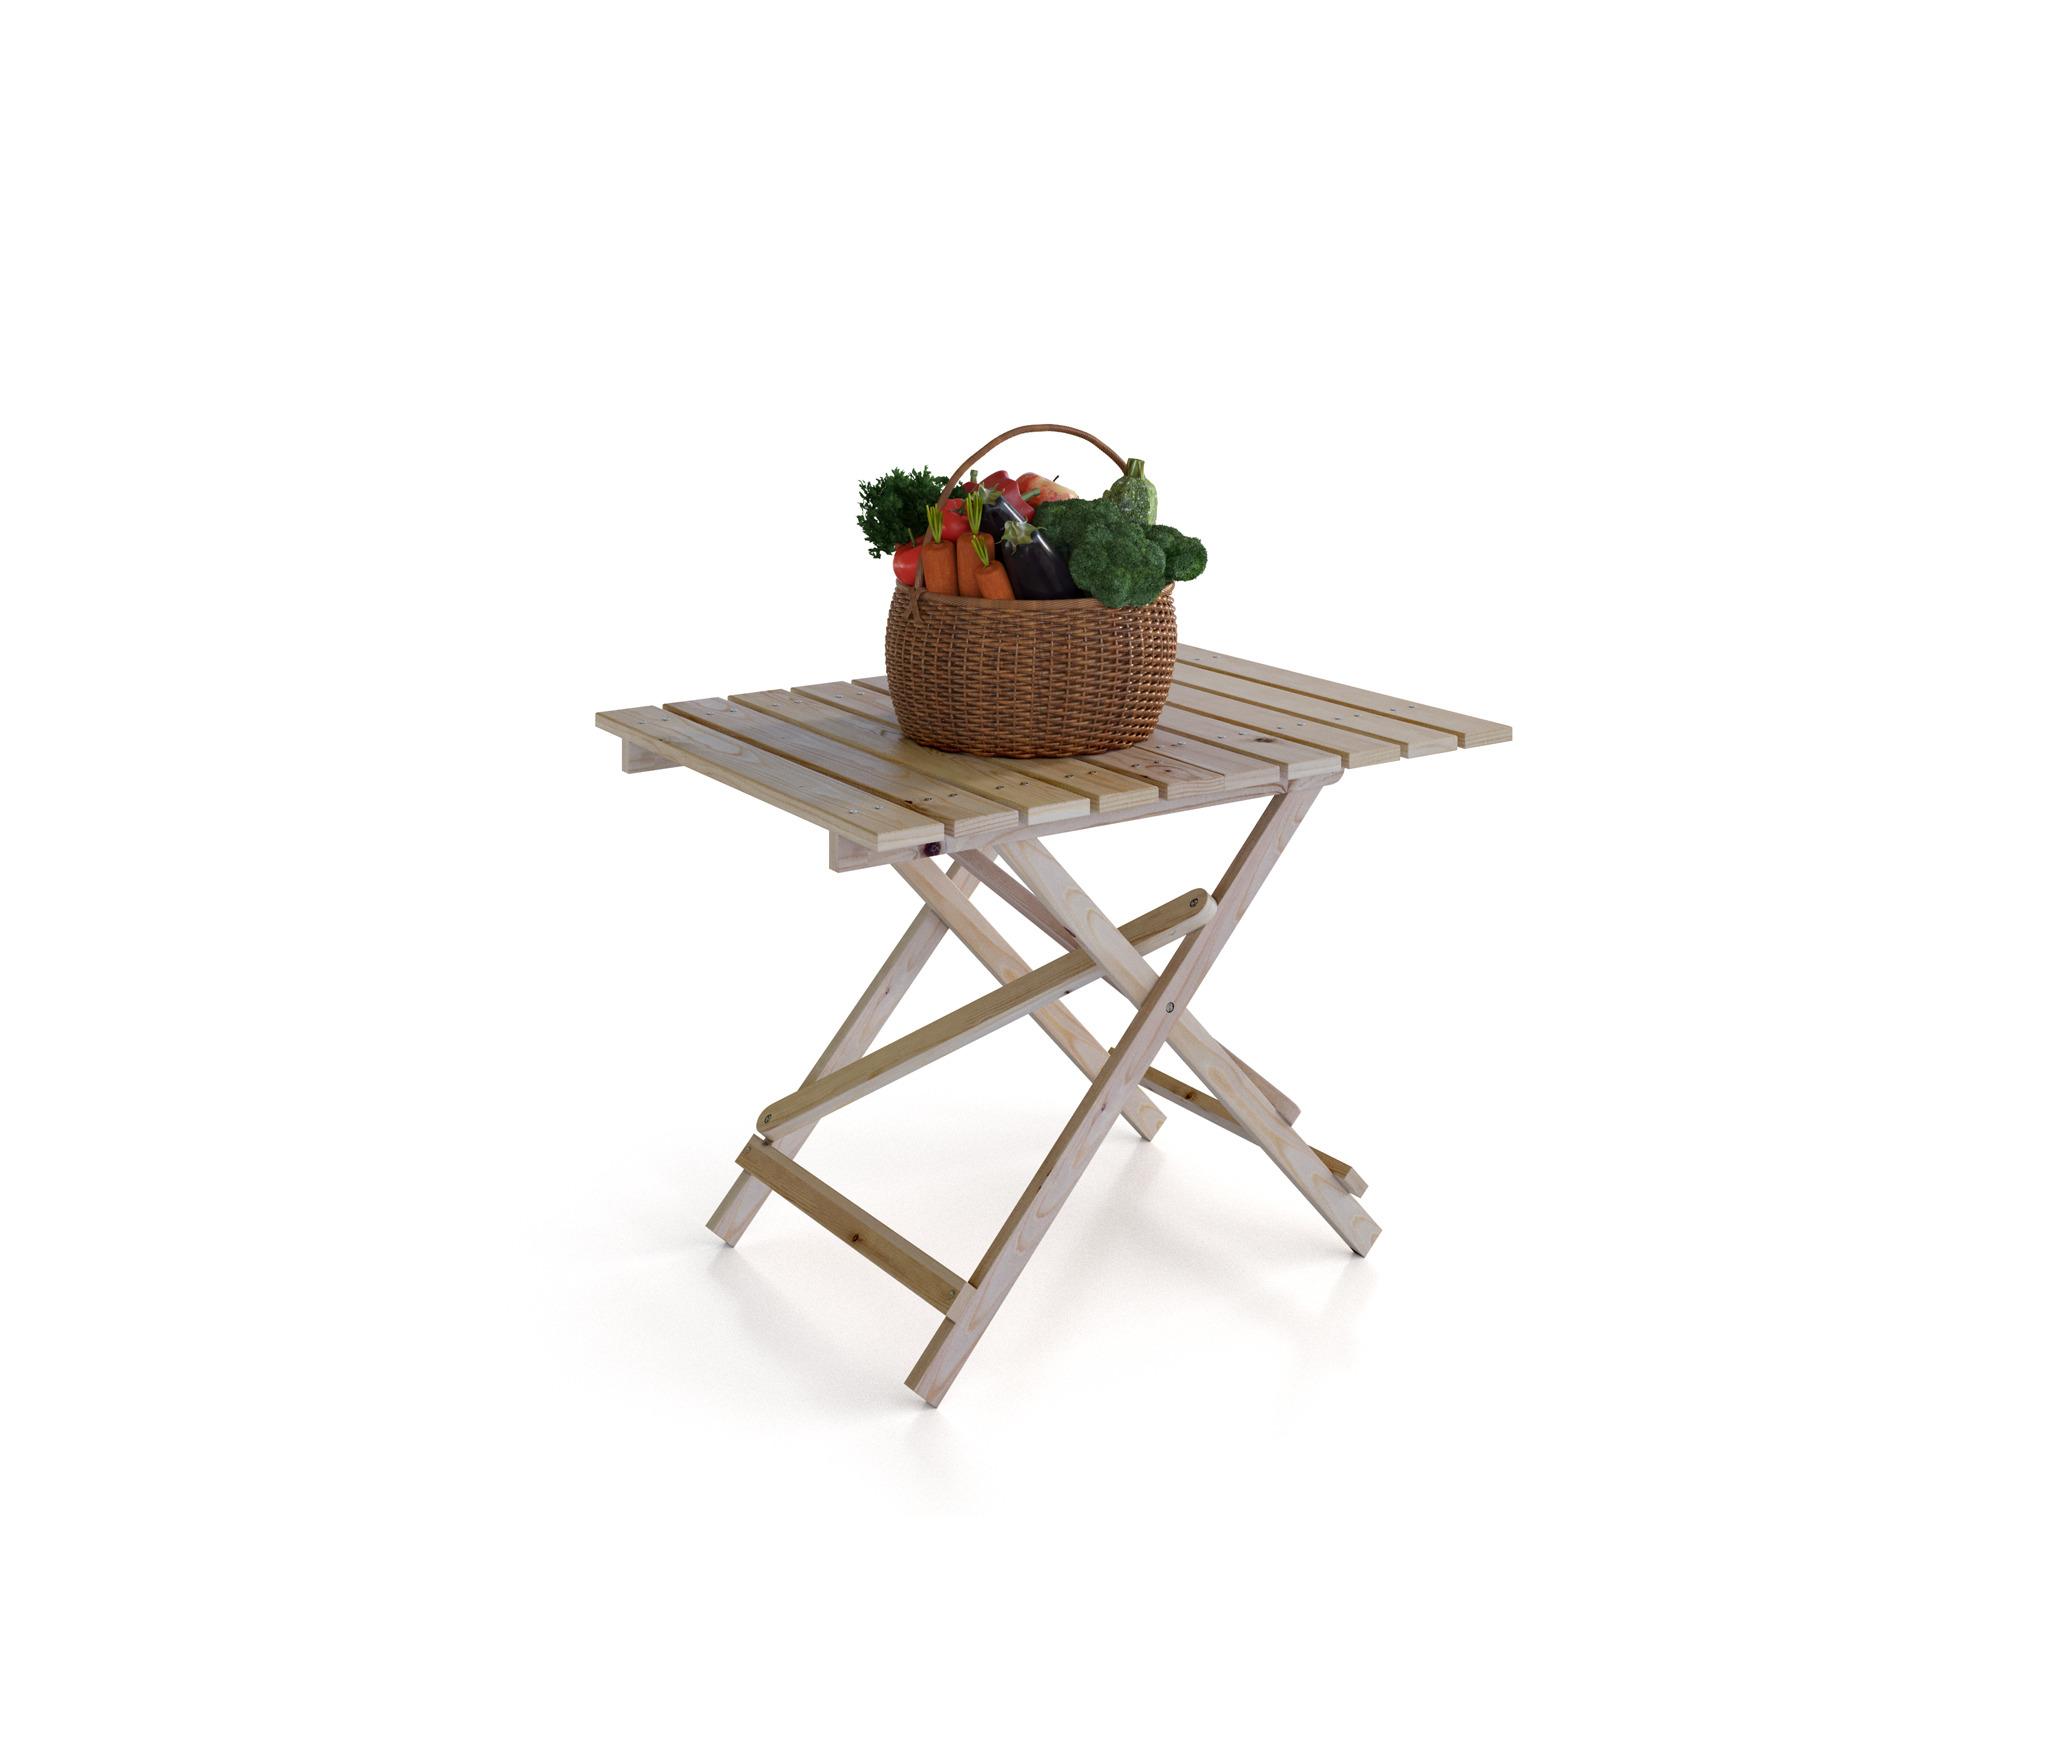 Кантри (Карелия) МС-24 стол раскладной соснаСопутствующие<br>Раскладной деревянный стол  Карелия  подойдет как для шумных праздничных застолий, так и для семейных чаепитий на свежем воздухе. Стол легко складывается для компактного хранения и удобной транспортировки. Все элементы стола изготовлены из натуральной древесины.&#13;ВНИМАНИЕ! Перед началом эксплуатации вне помещений, необходимо обработать деревянные части мебели специализированными защитными составами!&#13;]]&gt;<br><br>Длина мм: 900<br>Высота мм: 663<br>Глубина мм: 700